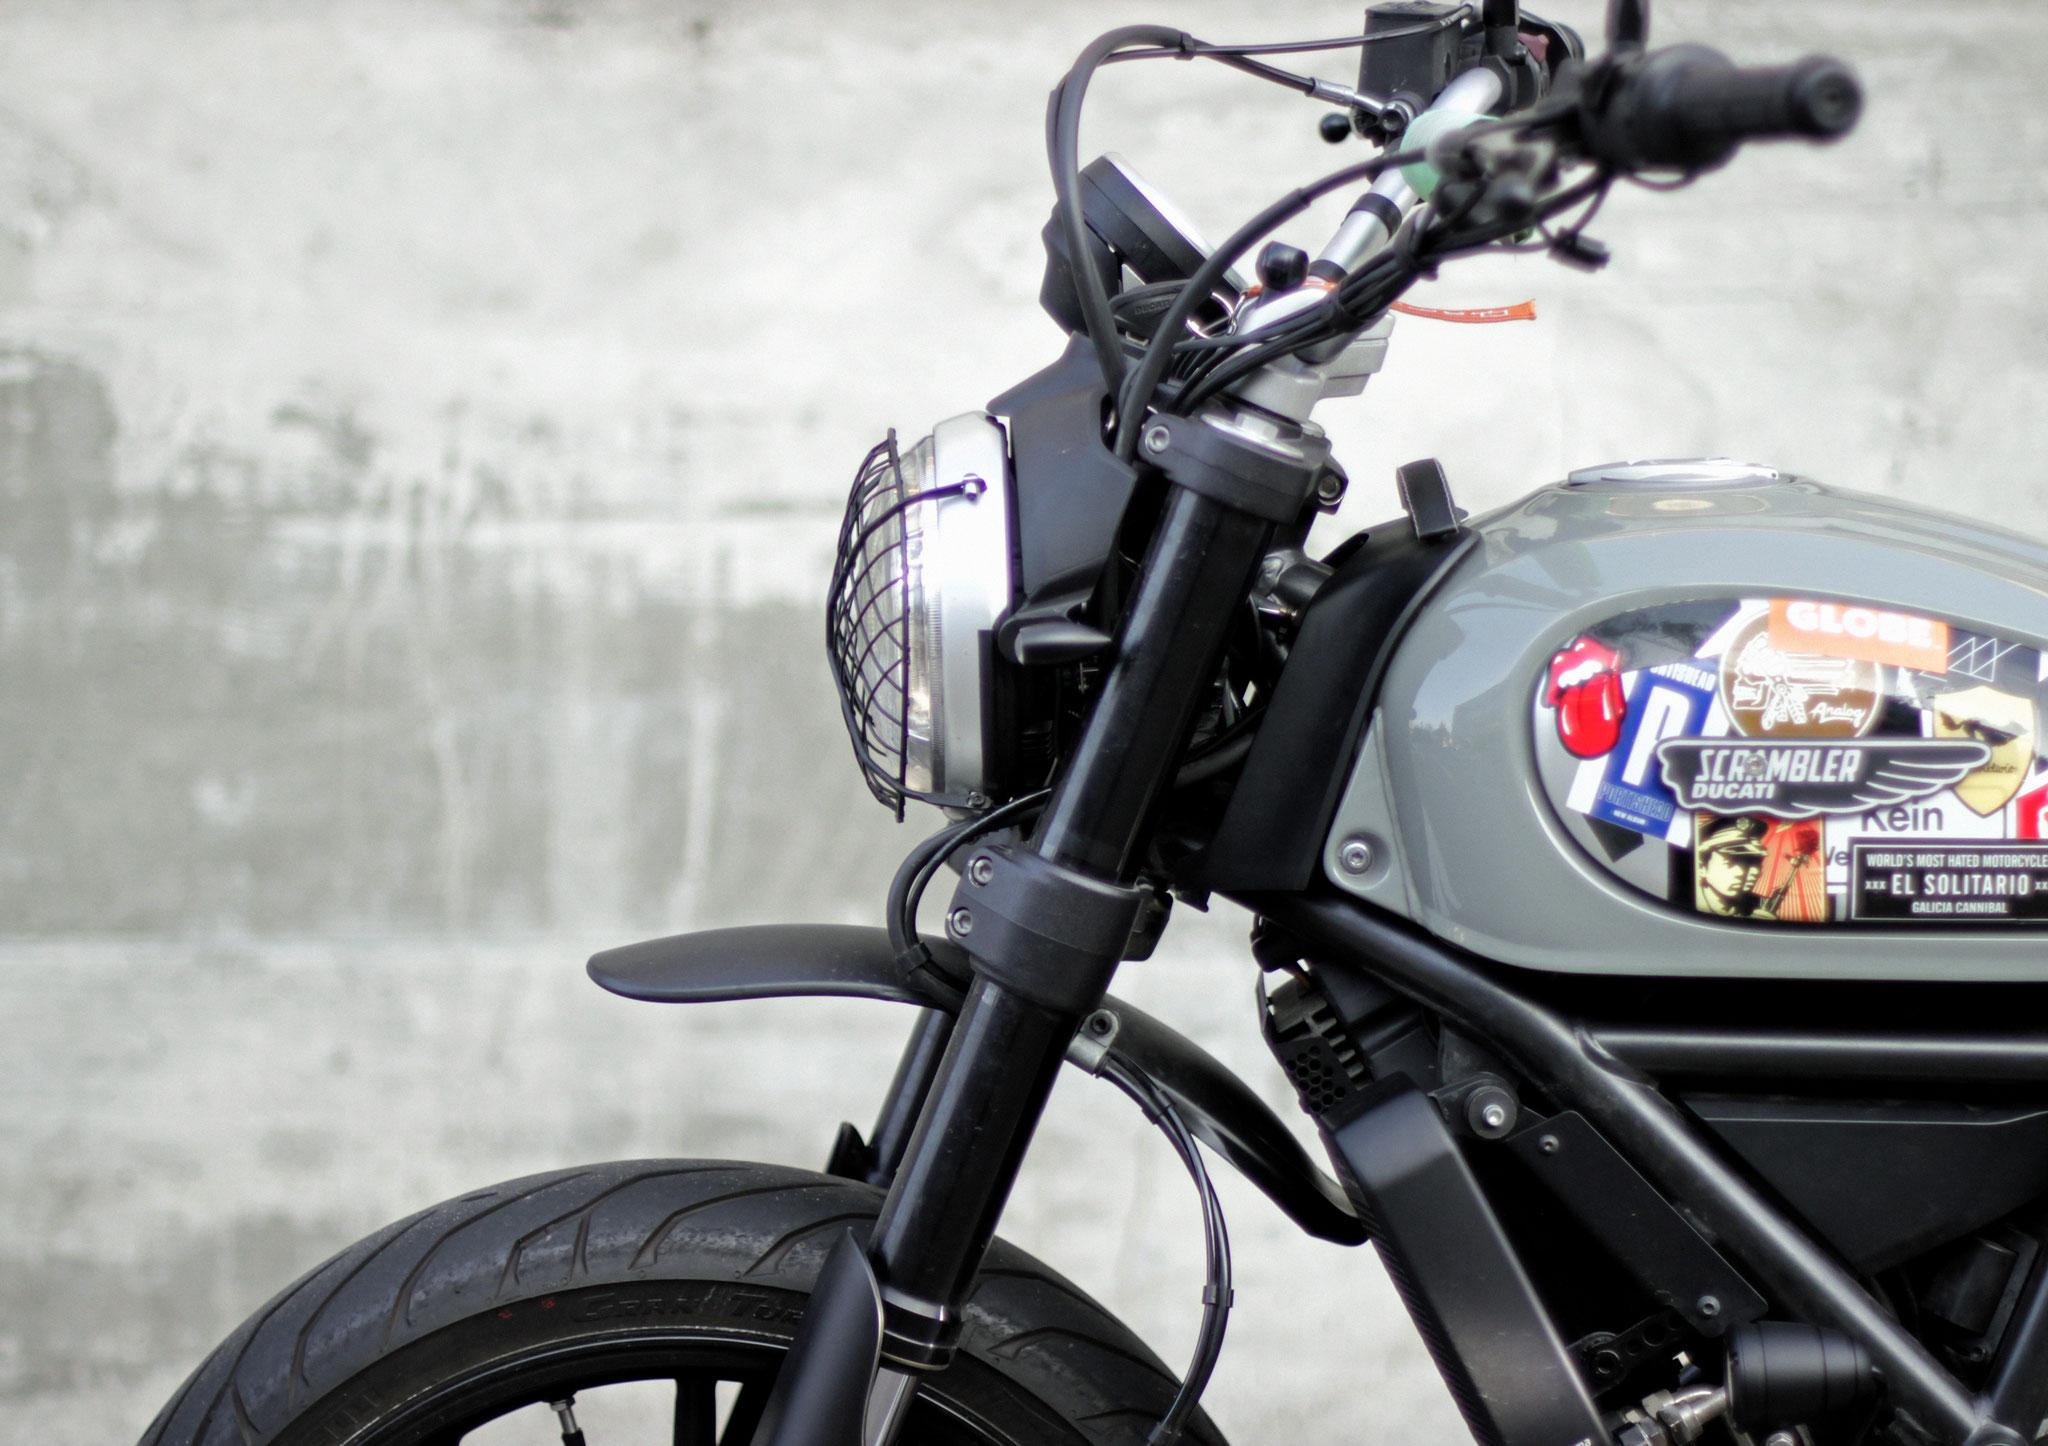 Scrambler Ducati Fake